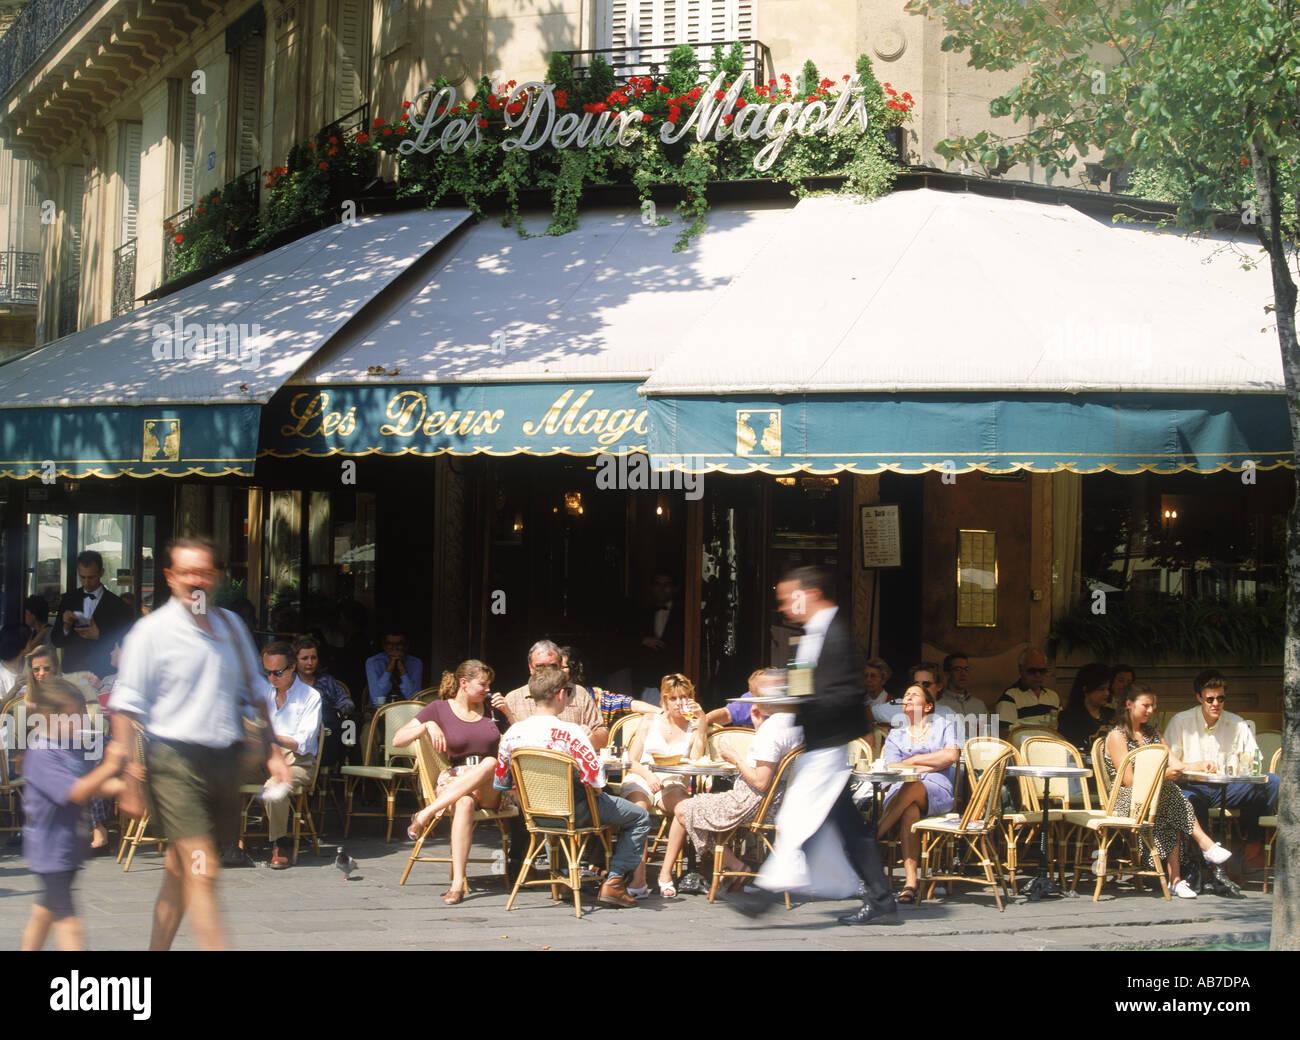 Cafe Les Deux Magots on St. Germain on the Paris Left Bank - Stock Image